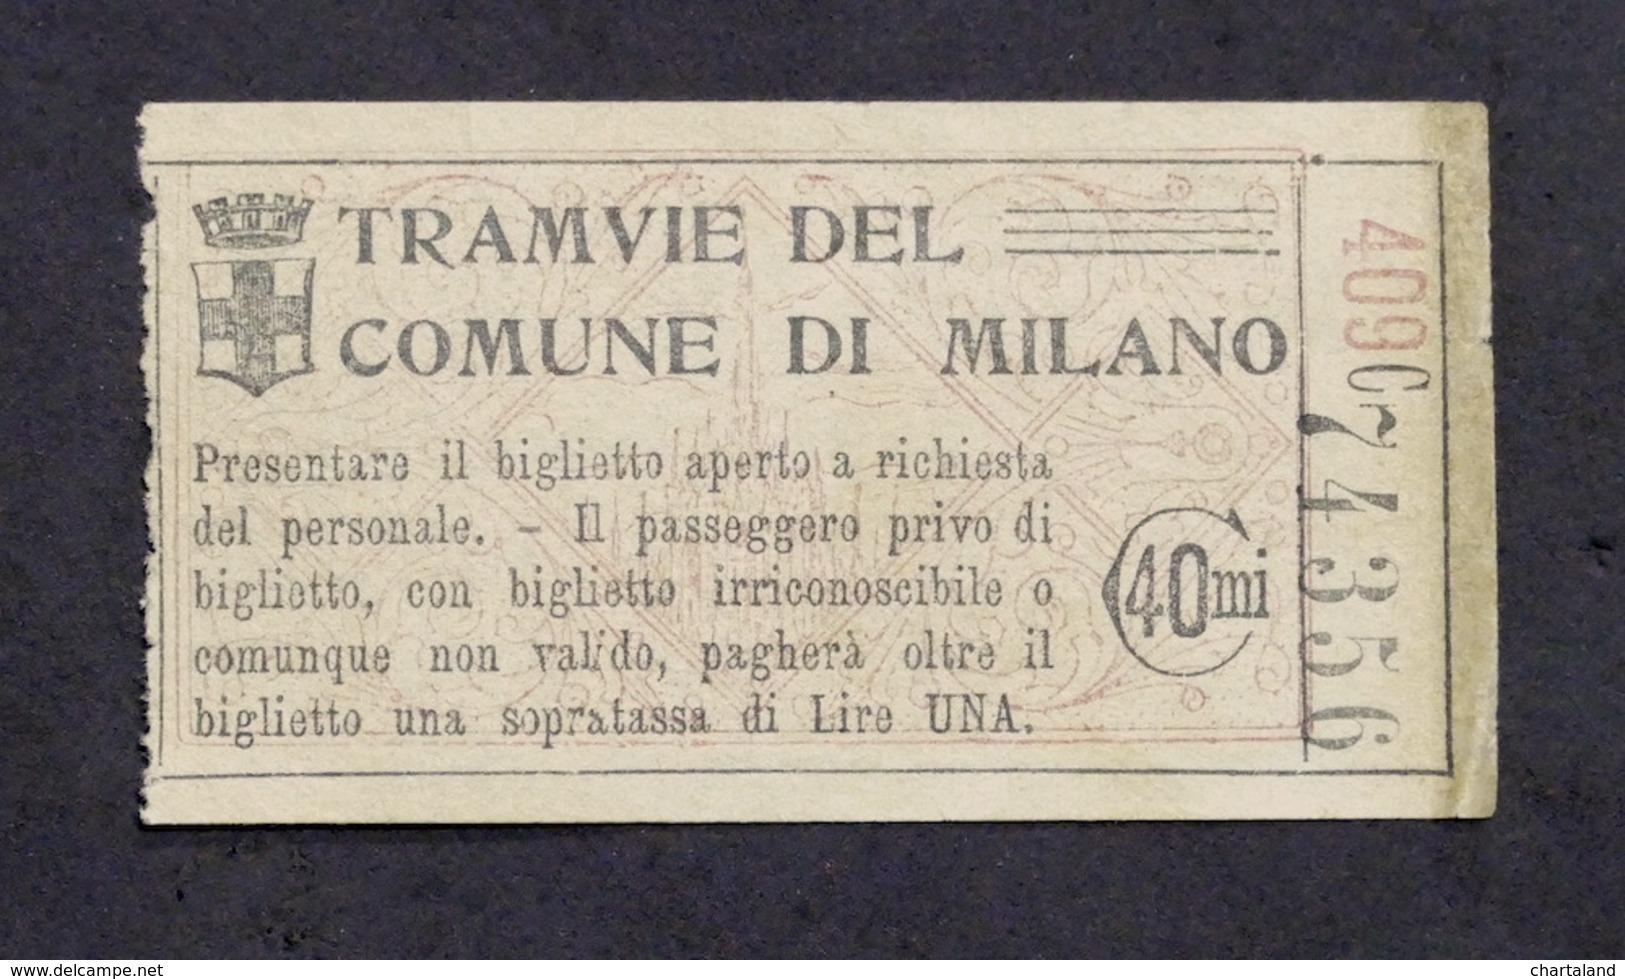 Collezionismo - Biglietto Tram Di Milano - Anni '50 - Vecchi Documenti